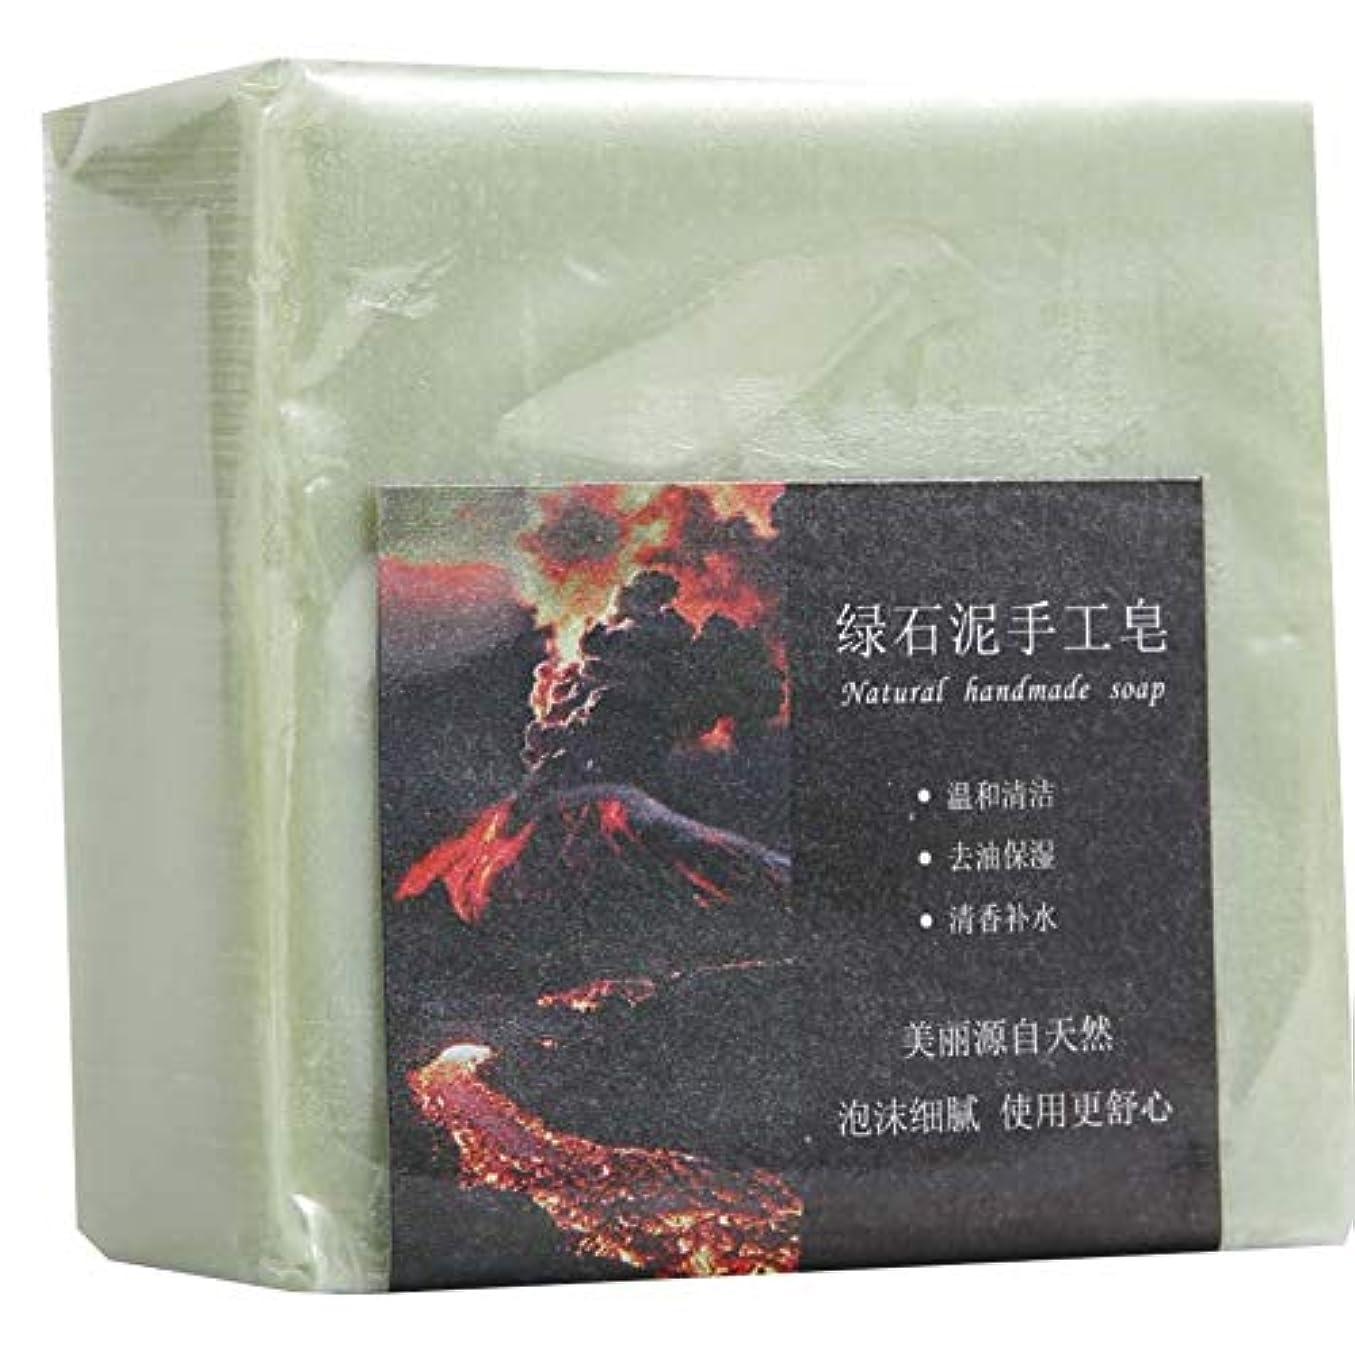 。スキャンピアニストハンドメイドグリーンクレイソープ 優しい フェイシャルクリーニング 保湿フェイシャルケア バスエッセンシャルオイルソープ